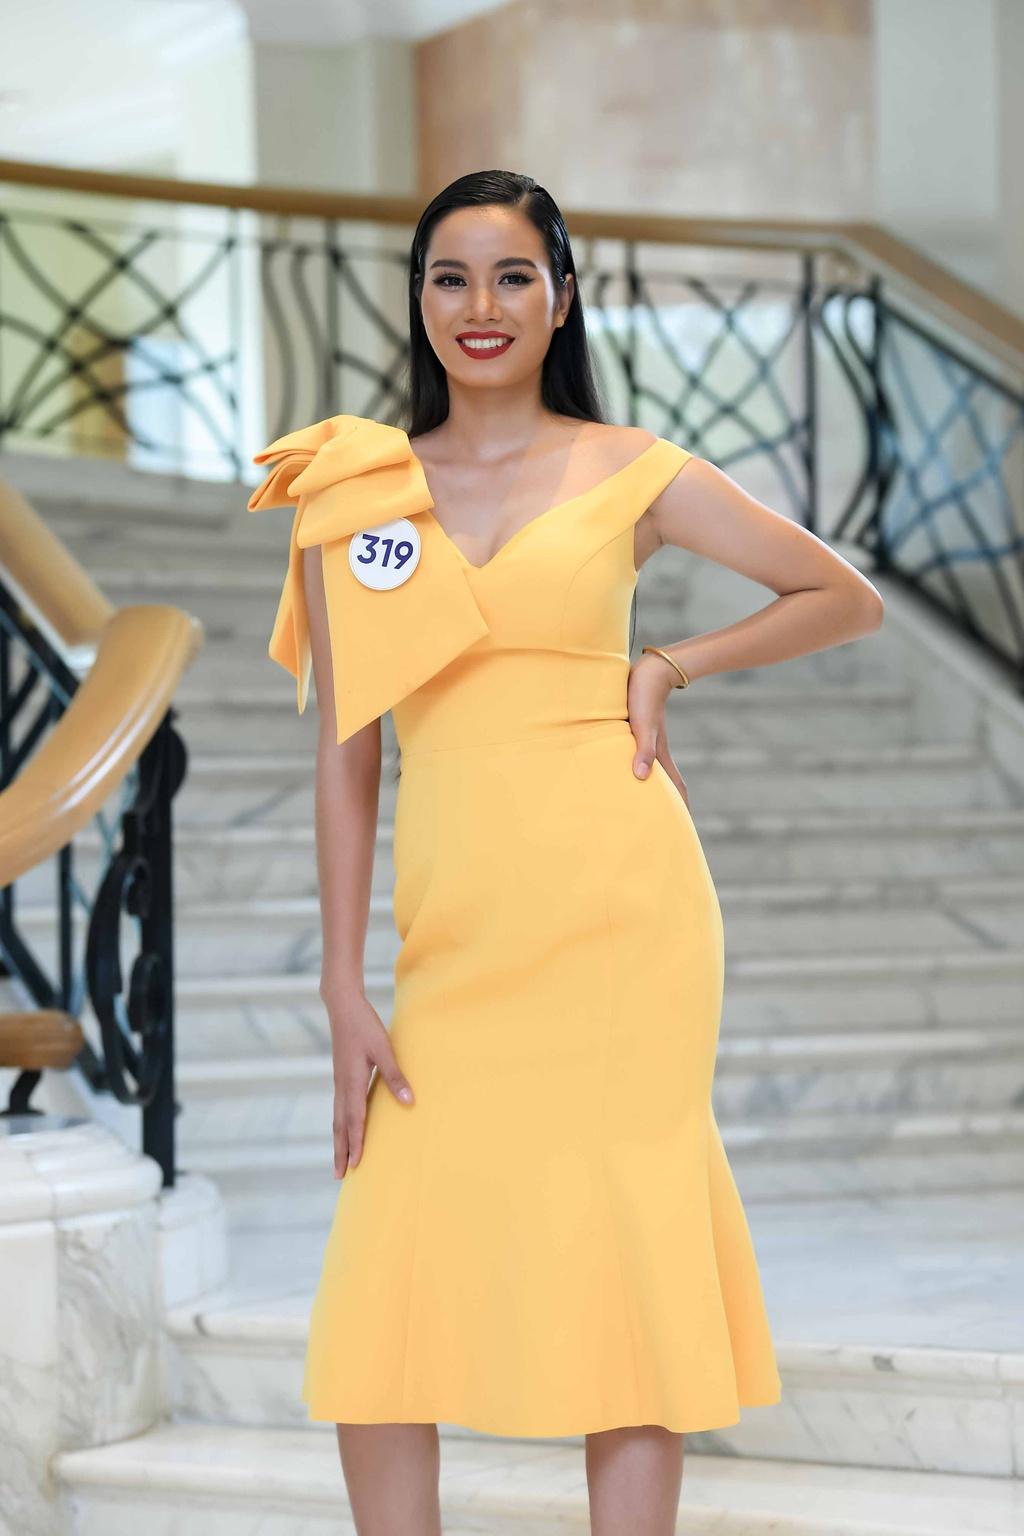 Hoa hau Hoan vu 2019: Dan nguoi dep co danh hieu lan at thi sinh moi hinh anh 6